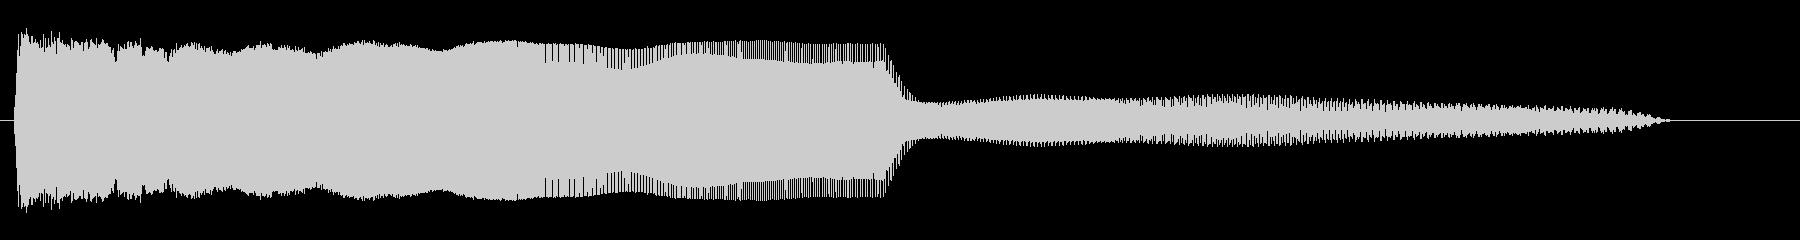 ピユヴーン(光線銃またはシステムダウン)の未再生の波形